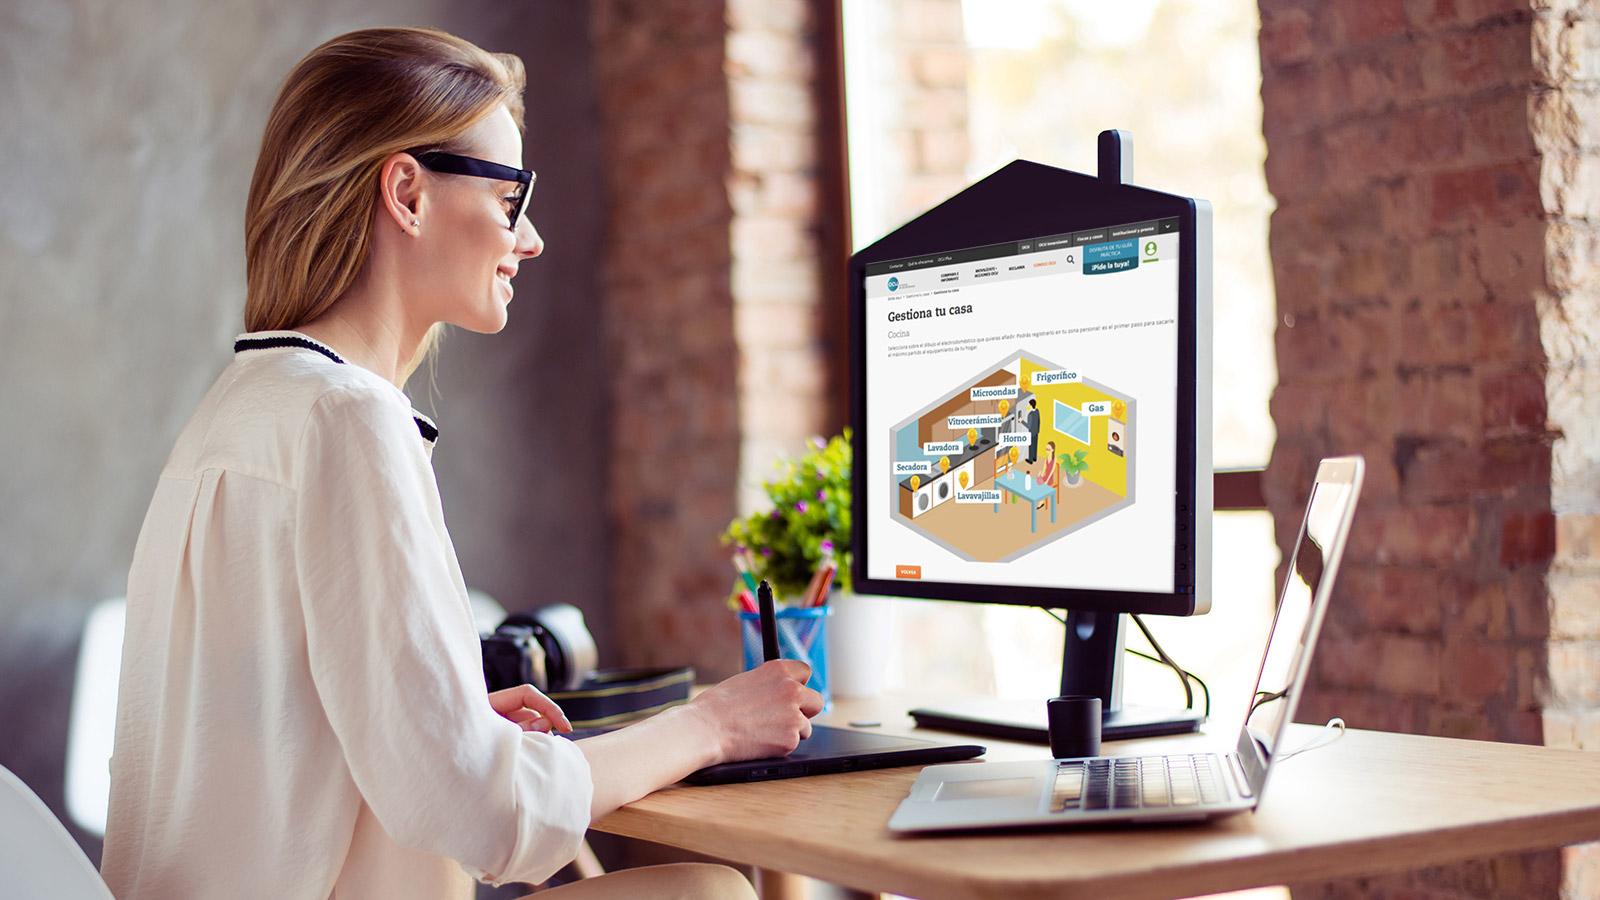 Gestiona tu casa. Una herramienta interactiva que te ... 1ea3f63c4497